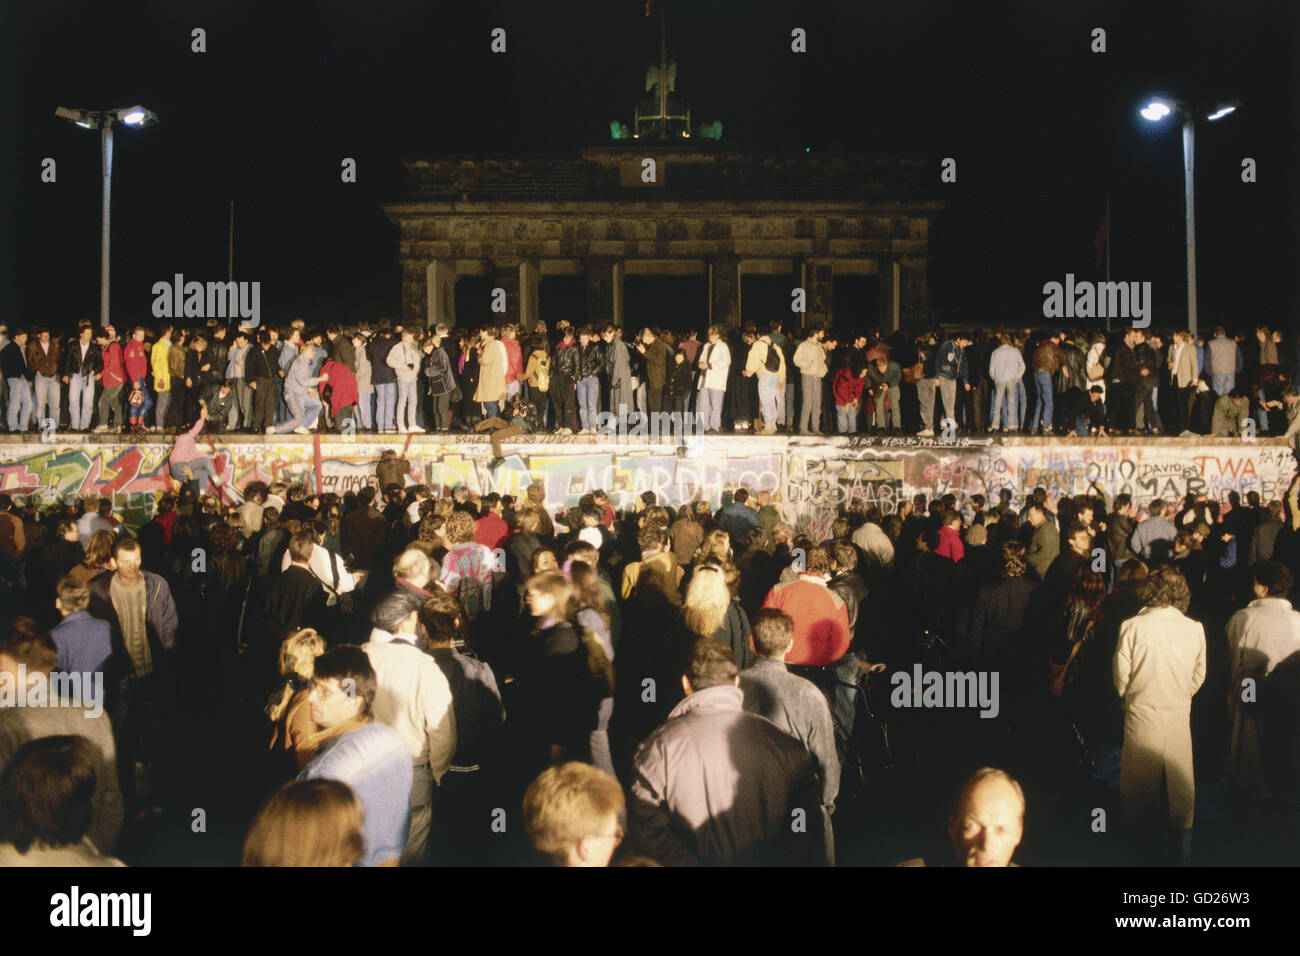 Geografia / viaggi, Germania, la riunificazione tedesca, la caduta del muro di Berlino, 9.11.1989, folla di persone Immagini Stock